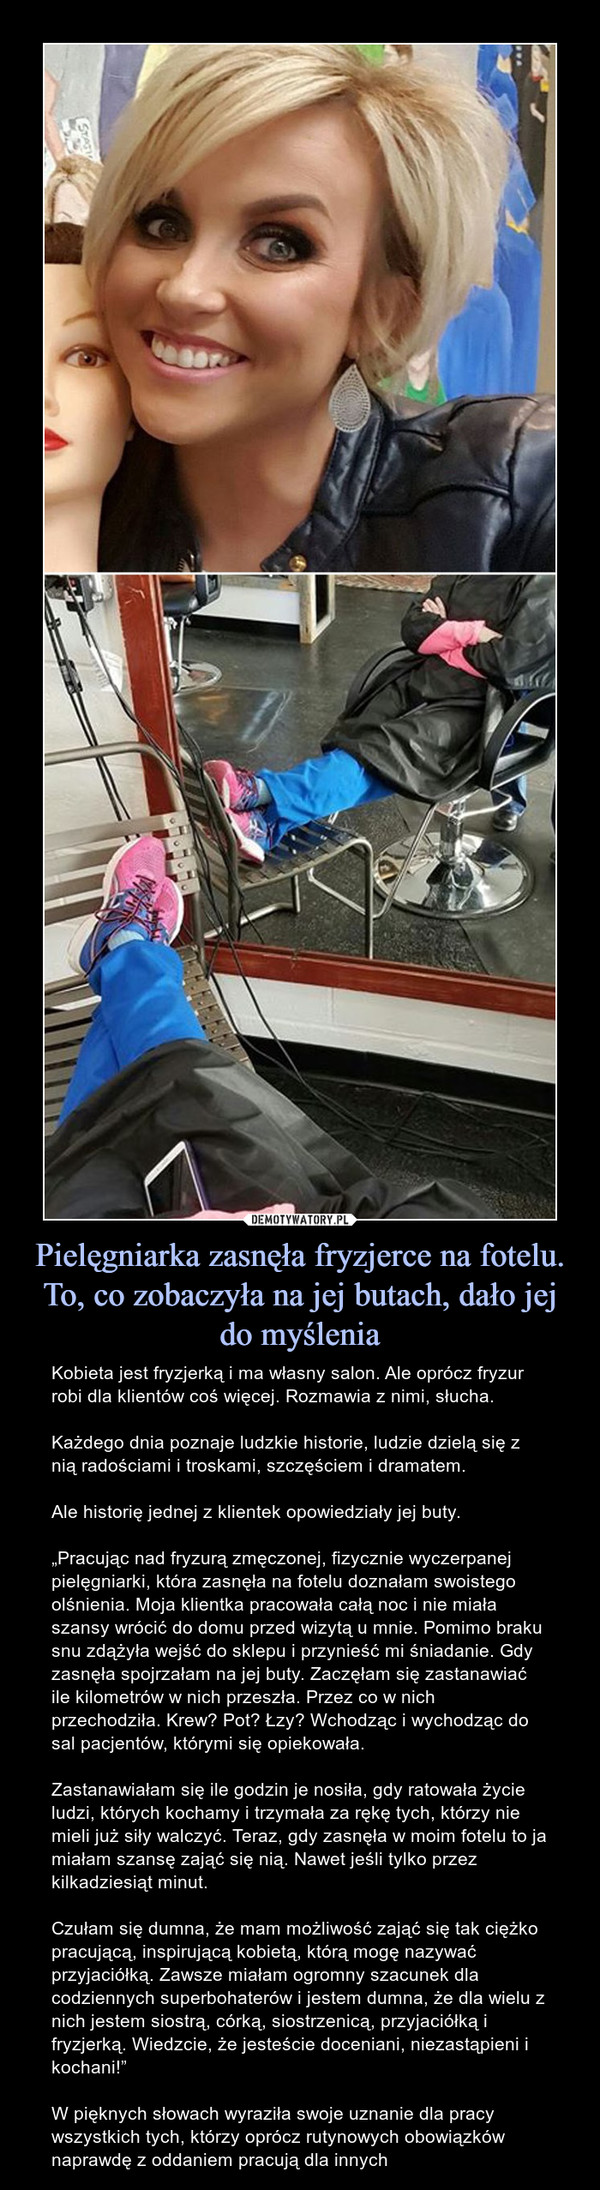 """Pielęgniarka zasnęła fryzjerce na fotelu. To, co zobaczyła na jej butach, dało jej do myślenia – Kobieta jest fryzjerką i ma własny salon. Ale oprócz fryzur robi dla klientów coś więcej. Rozmawia z nimi, słucha.Każdego dnia poznaje ludzkie historie, ludzie dzielą się z nią radościami i troskami, szczęściem i dramatem.Ale historię jednej z klientek opowiedziały jej buty.""""Pracując nad fryzurą zmęczonej, fizycznie wyczerpanej pielęgniarki, która zasnęła na fotelu doznałam swoistego olśnienia. Moja klientka pracowała całą noc i nie miała szansy wrócić do domu przed wizytą u mnie. Pomimo braku snu zdążyła wejść do sklepu i przynieść mi śniadanie. Gdy zasnęła spojrzałam na jej buty. Zaczęłam się zastanawiać ile kilometrów w nich przeszła. Przez co w nich przechodziła. Krew? Pot? Łzy? Wchodząc i wychodząc do sal pacjentów, którymi się opiekowała.Zastanawiałam się ile godzin je nosiła, gdy ratowała życie ludzi, których kochamy i trzymała za rękę tych, którzy nie mieli już siły walczyć. Teraz, gdy zasnęła w moim fotelu to ja miałam szansę zająć się nią. Nawet jeśli tylko przez kilkadziesiąt minut.  Czułam się dumna, że mam możliwość zająć się tak ciężko pracującą, inspirującą kobietą, którą mogę nazywać przyjaciółką. Zawsze miałam ogromny szacunek dla codziennych superbohaterów i jestem dumna, że dla wielu z nich jestem siostrą, córką, siostrzenicą, przyjaciółką i fryzjerką. Wiedzcie, że jesteście doceniani, niezastąpieni i kochani!""""W pięknych słowach wyraziła swoje uznanie dla pracy wszystkich tych, którzy oprócz rutynowych obowiązków naprawdę z oddaniem pracują dla innych"""